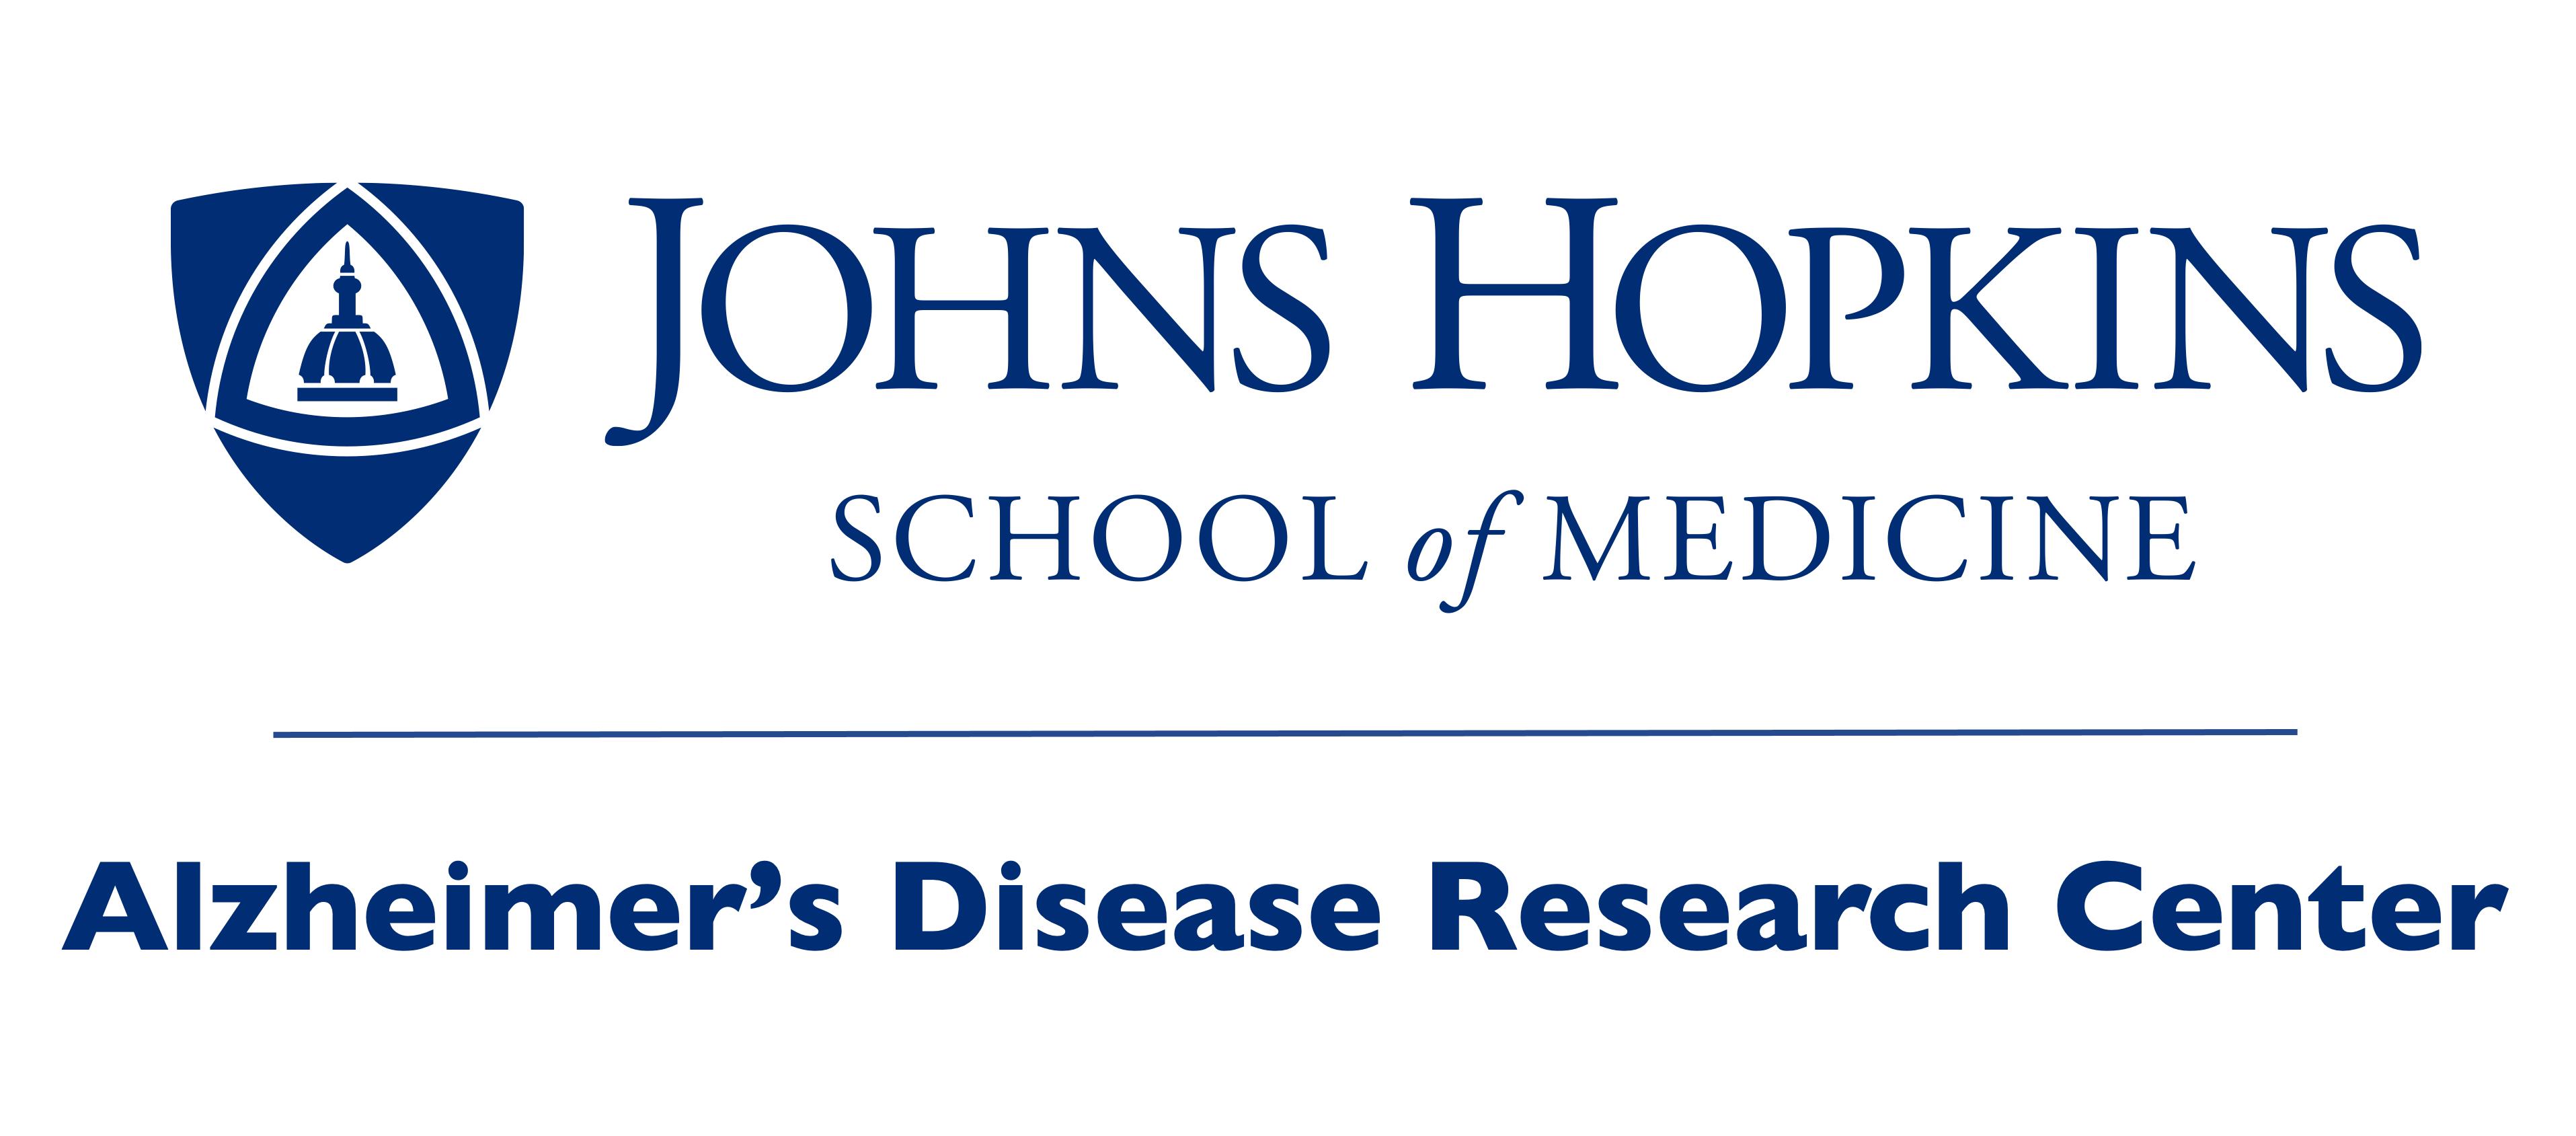 Johns Hopkins ADRC